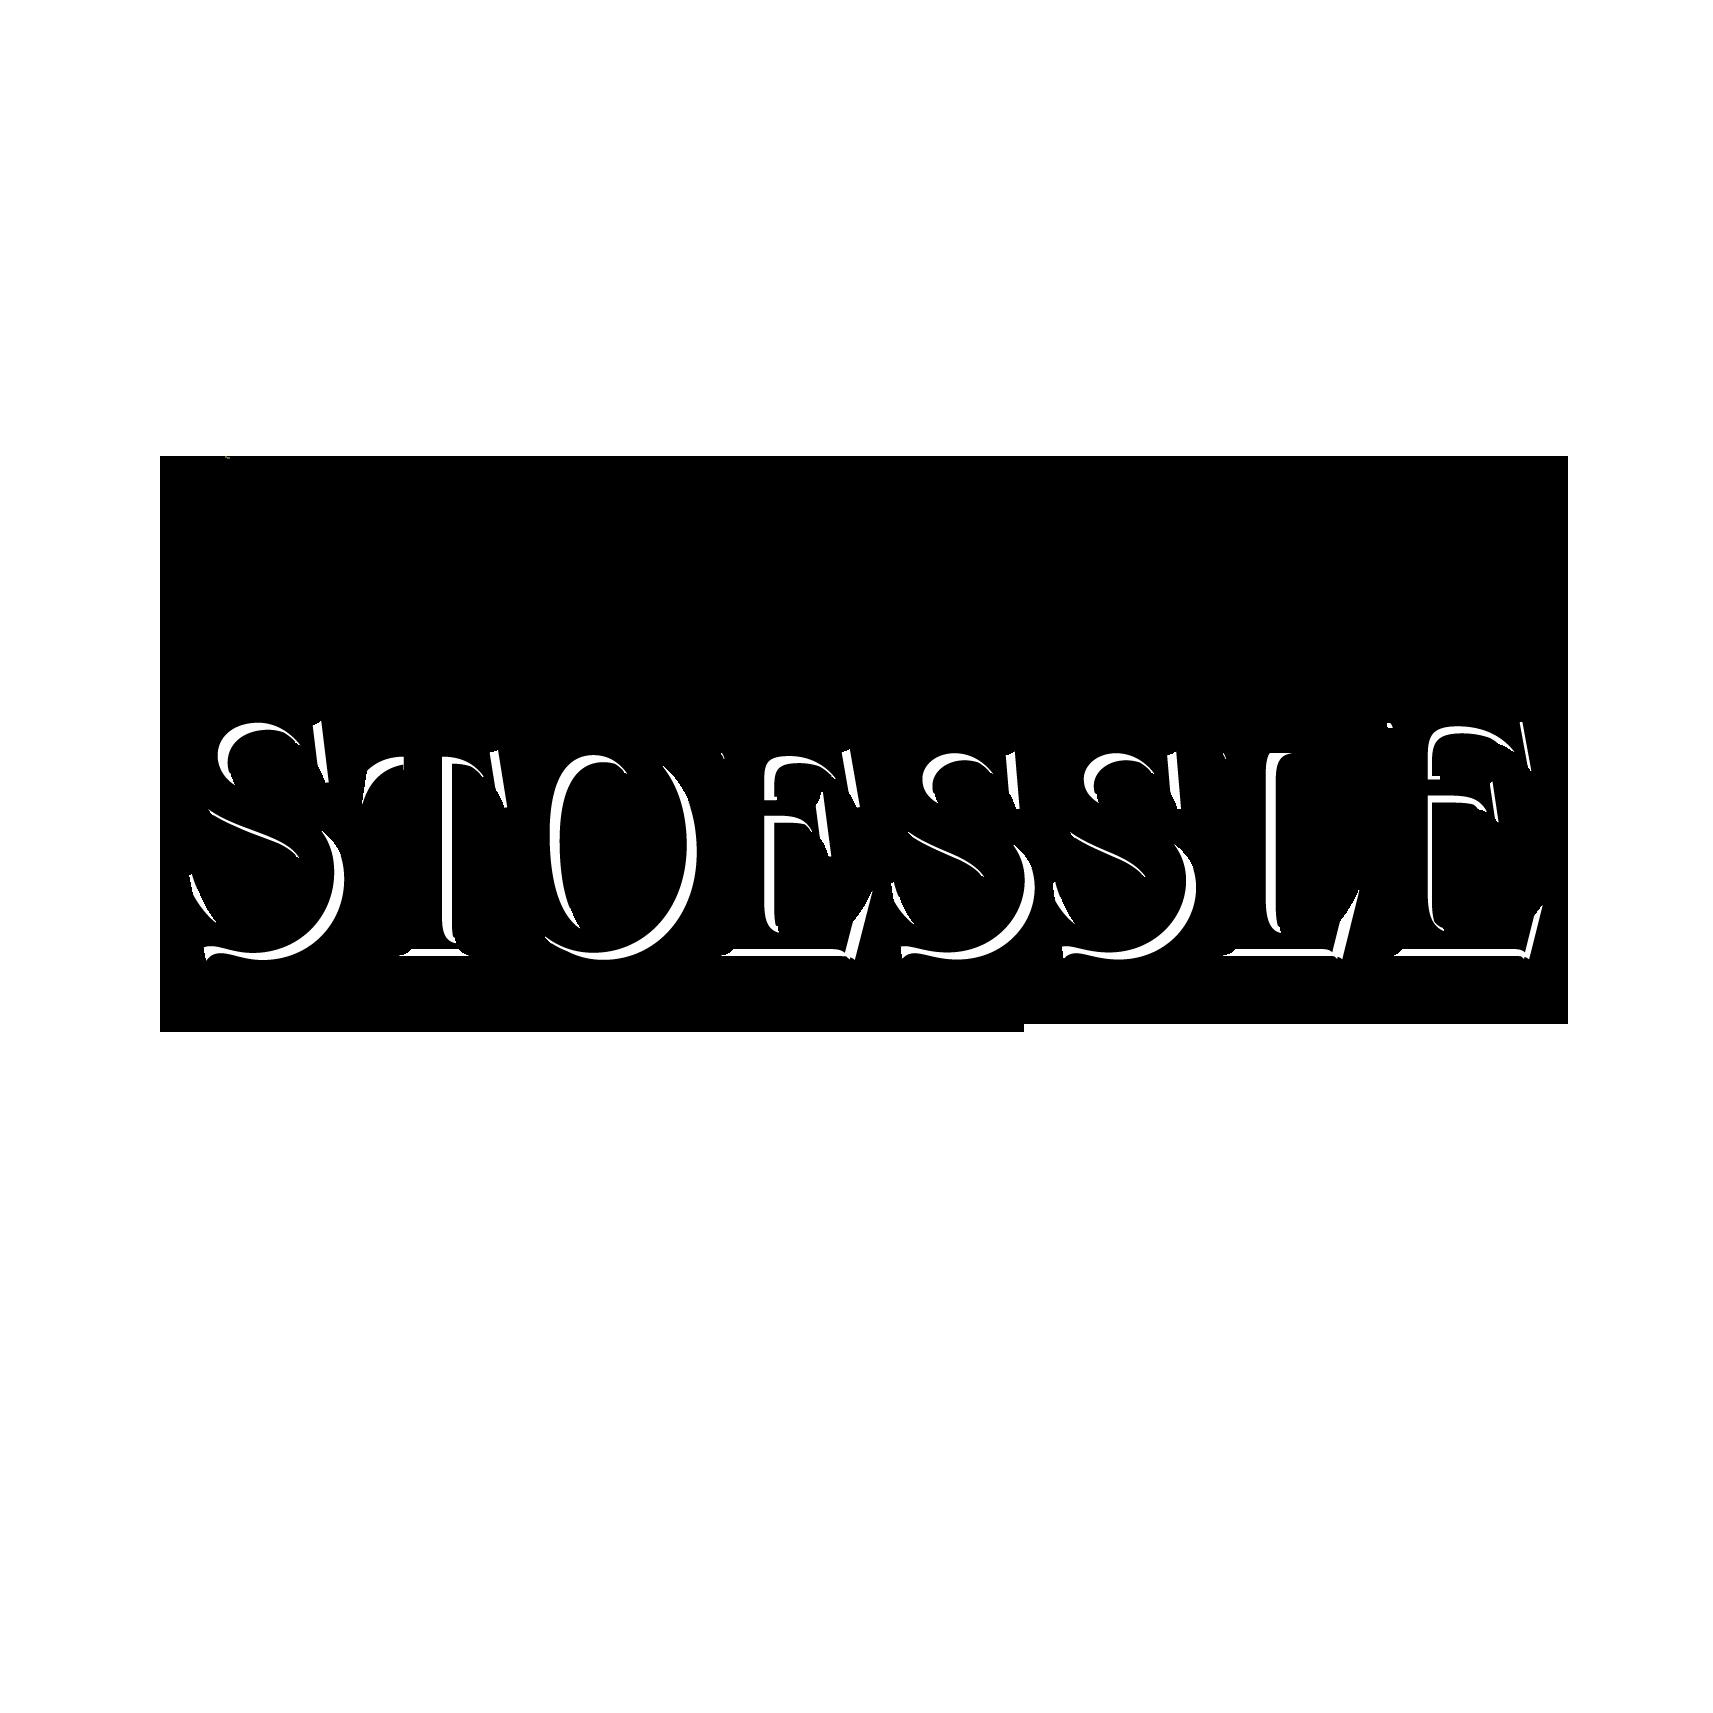 Eau-de-vie Stoessle